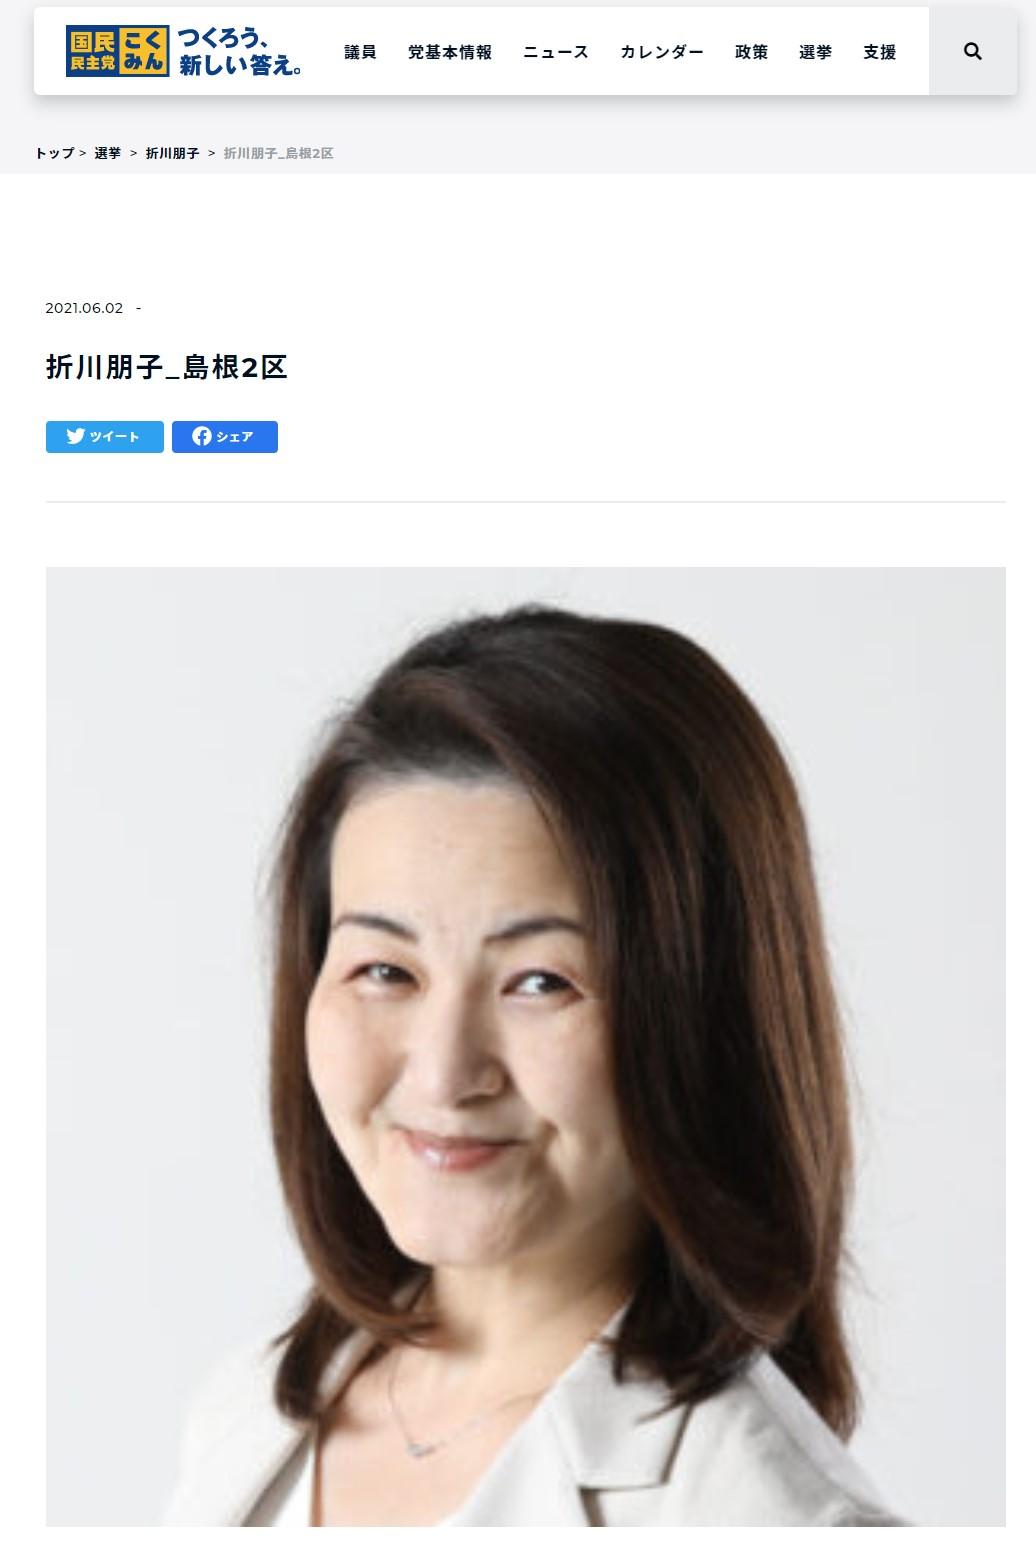 元毎日新聞記者で国民民主の衆院島根2区候補の折川(おりかわ)朋子容疑者(43)が万引きの疑いで公認取り消し